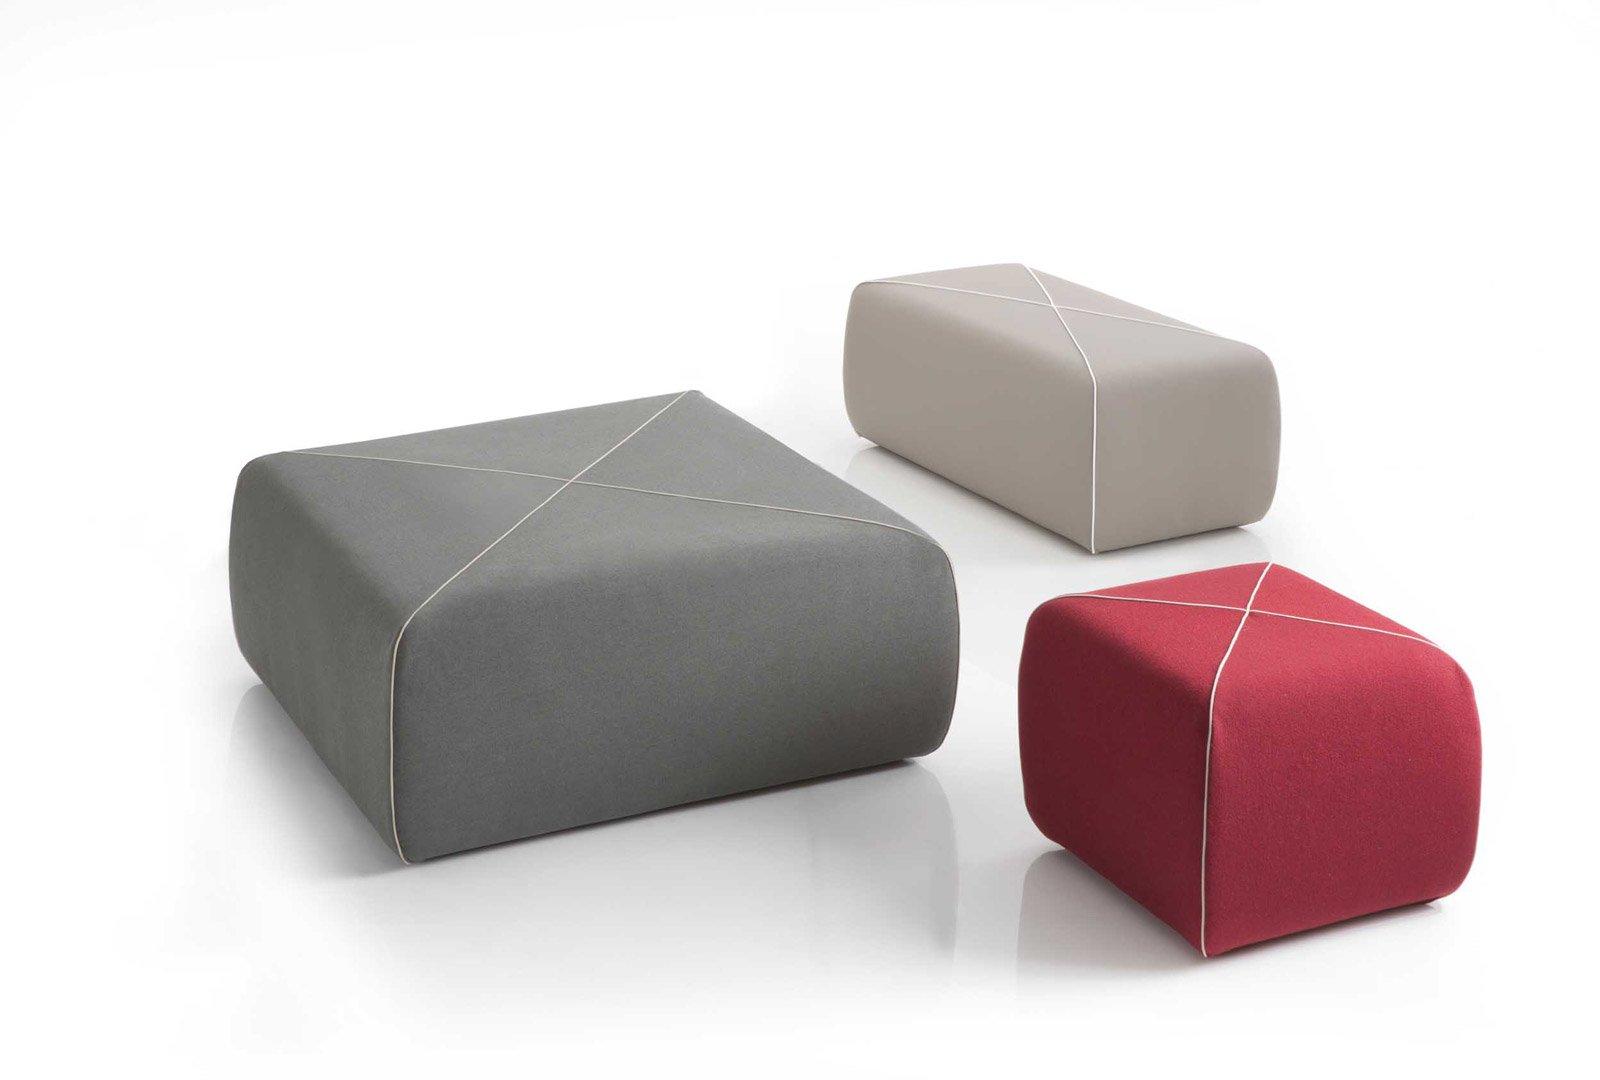 Crossed di B-Line è un pouff squadrato proposto nella nuova versione extra large: quasi un metro quadrato di comfort! É rivestito in tessuto grigio perla con una cucitura a X in contrasto, ma è disponibile in altri formati e colori.  www.b-line.it